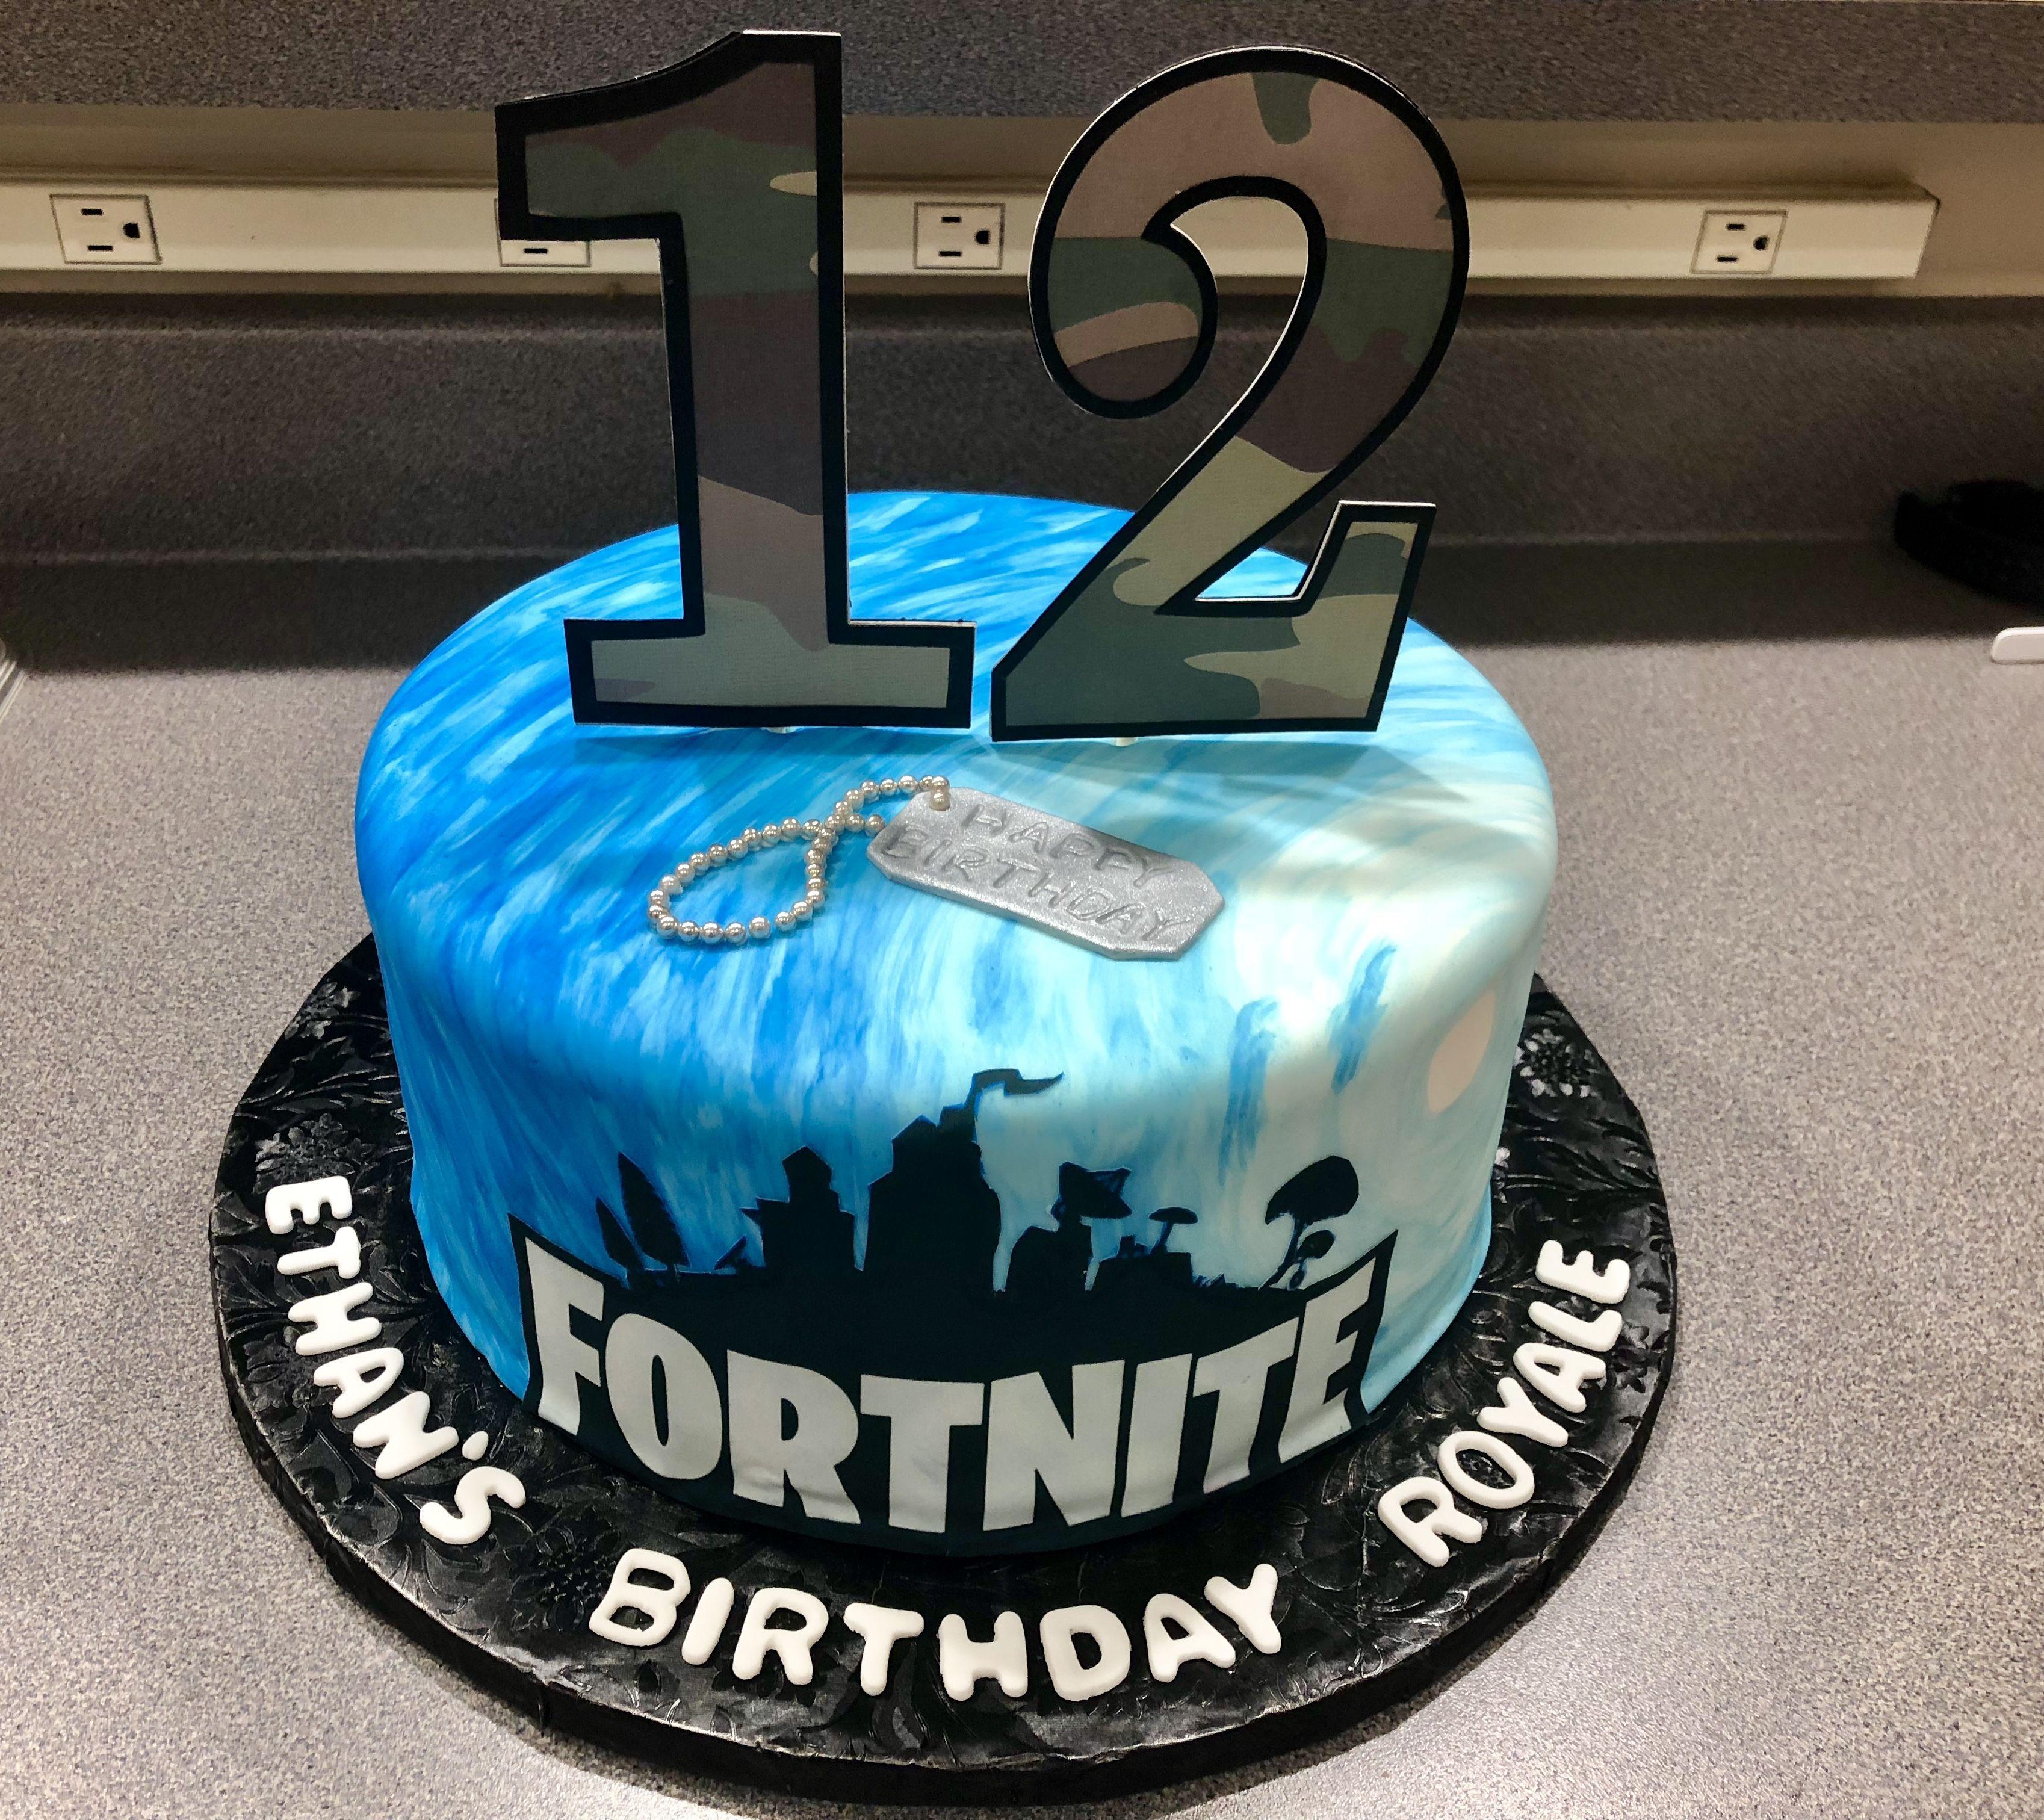 Fortnite Birthday Cake Boy Birthday Cake 12th Birthday Cake Birthday Party Cake